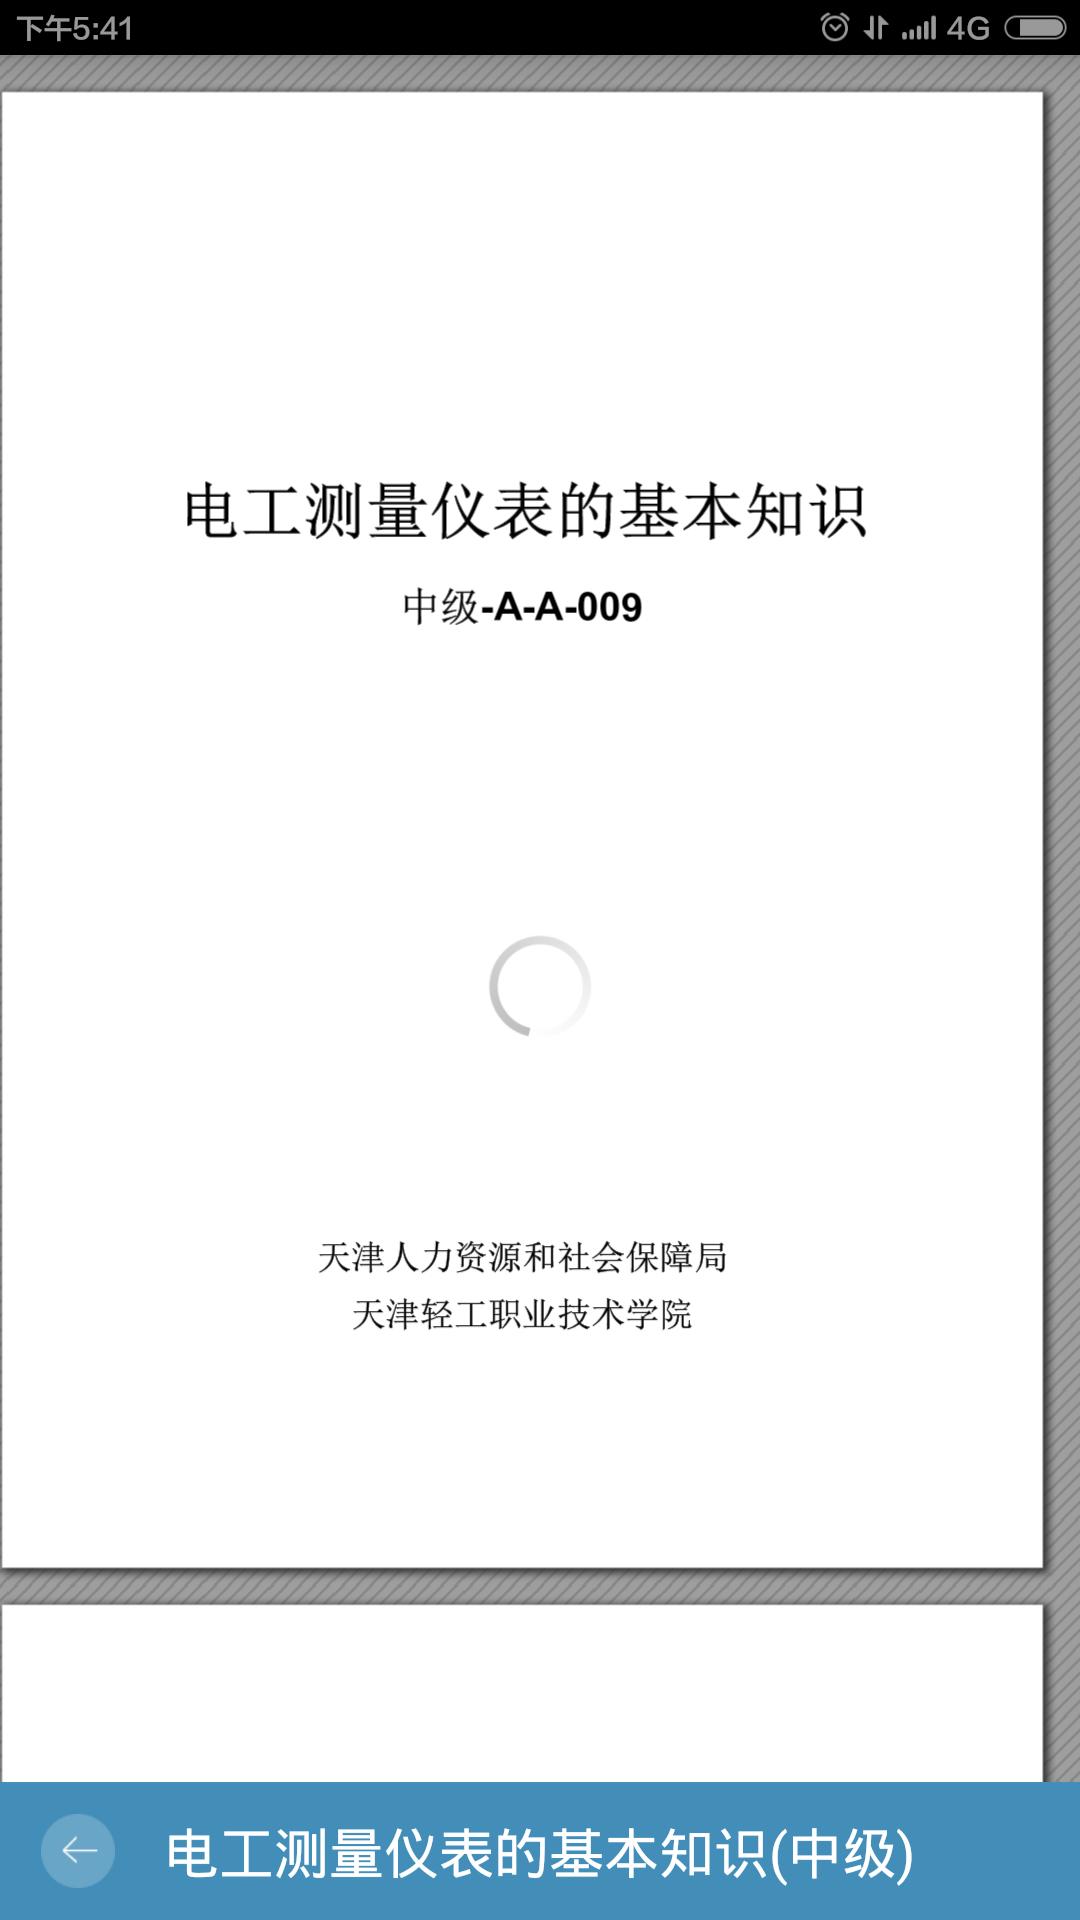 微知库手机版下载(暂未上线)